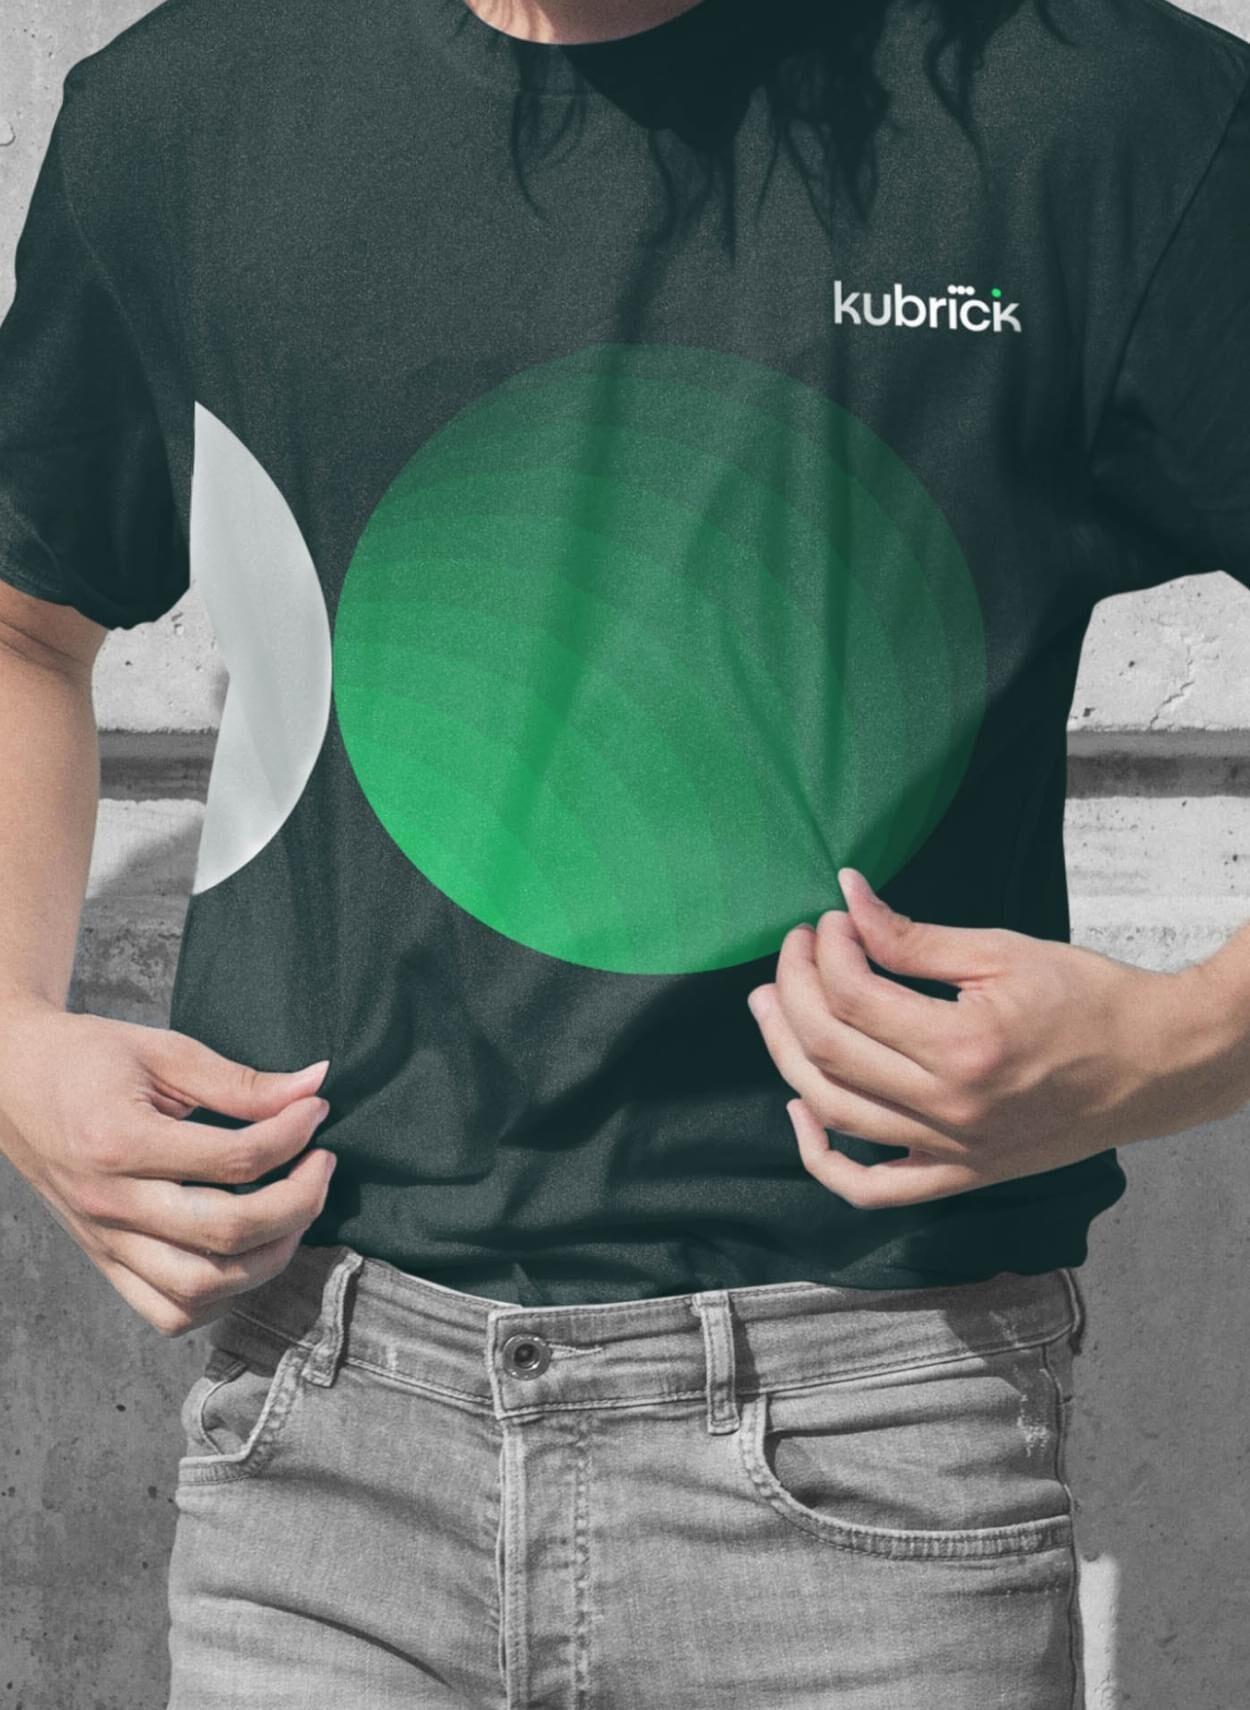 Kubrick t shirt